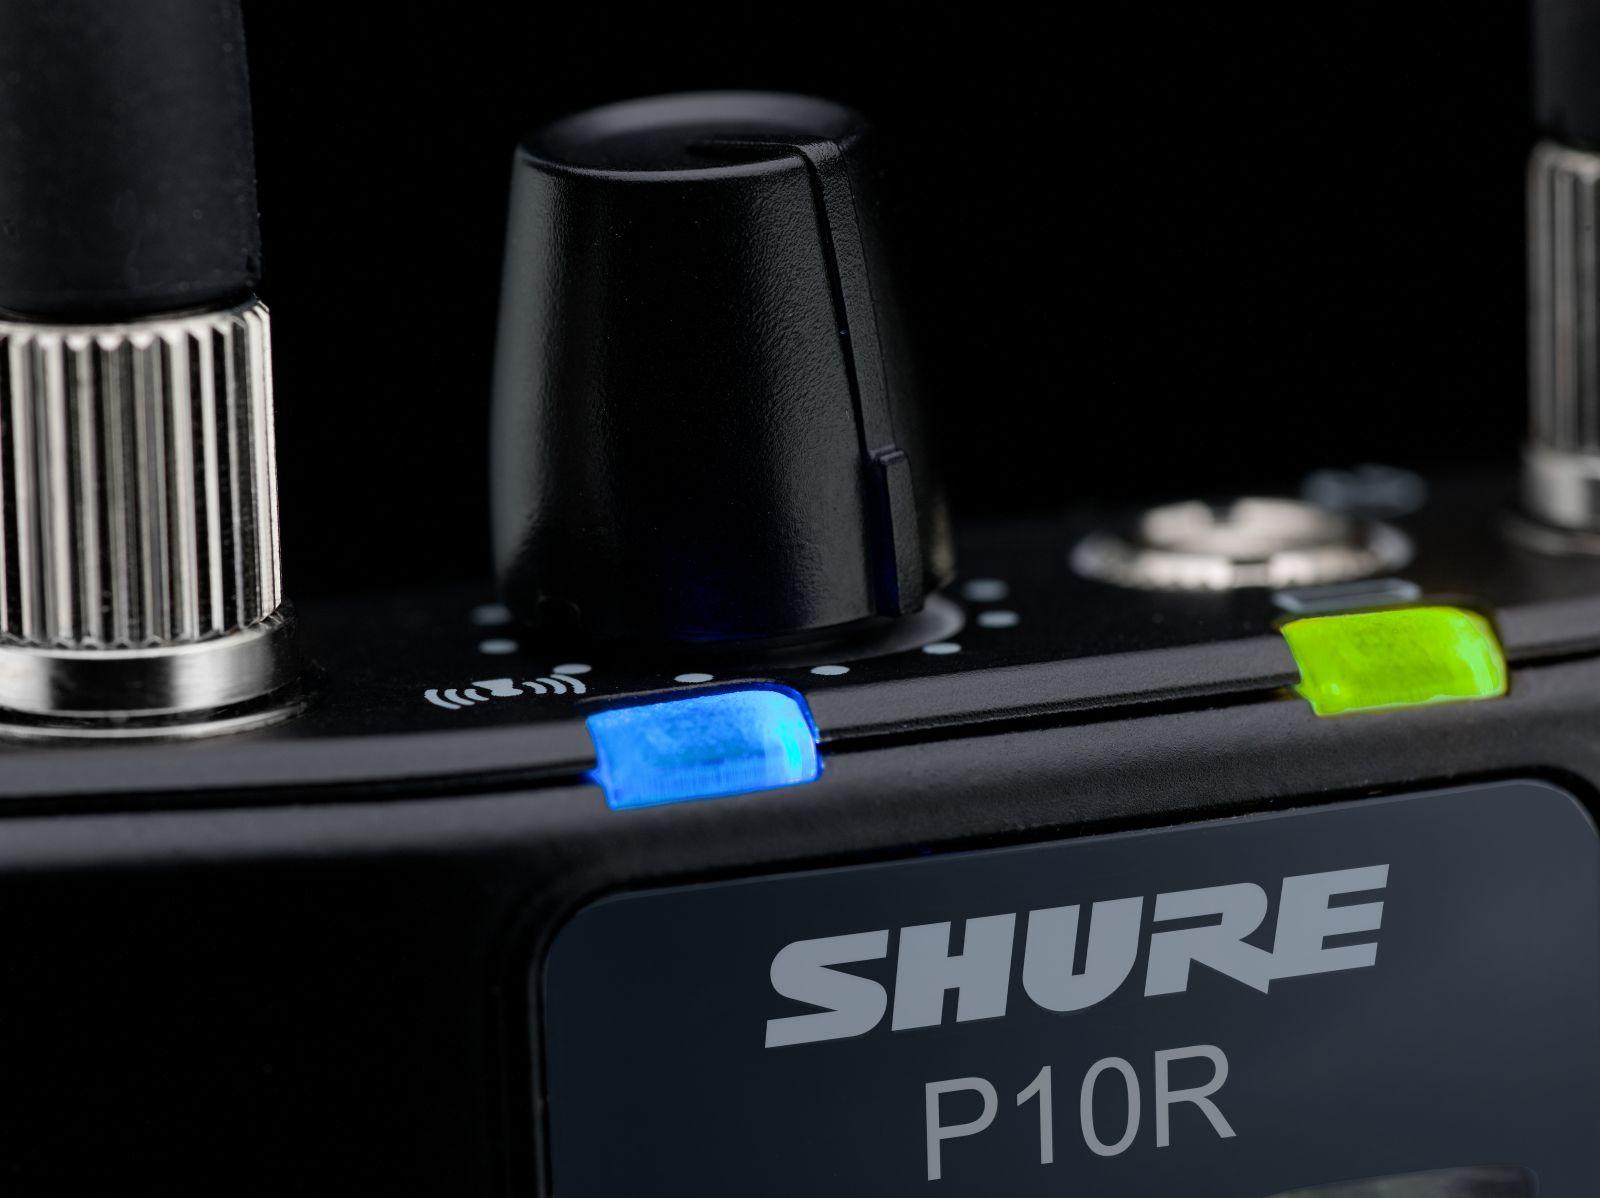 Shure P10R